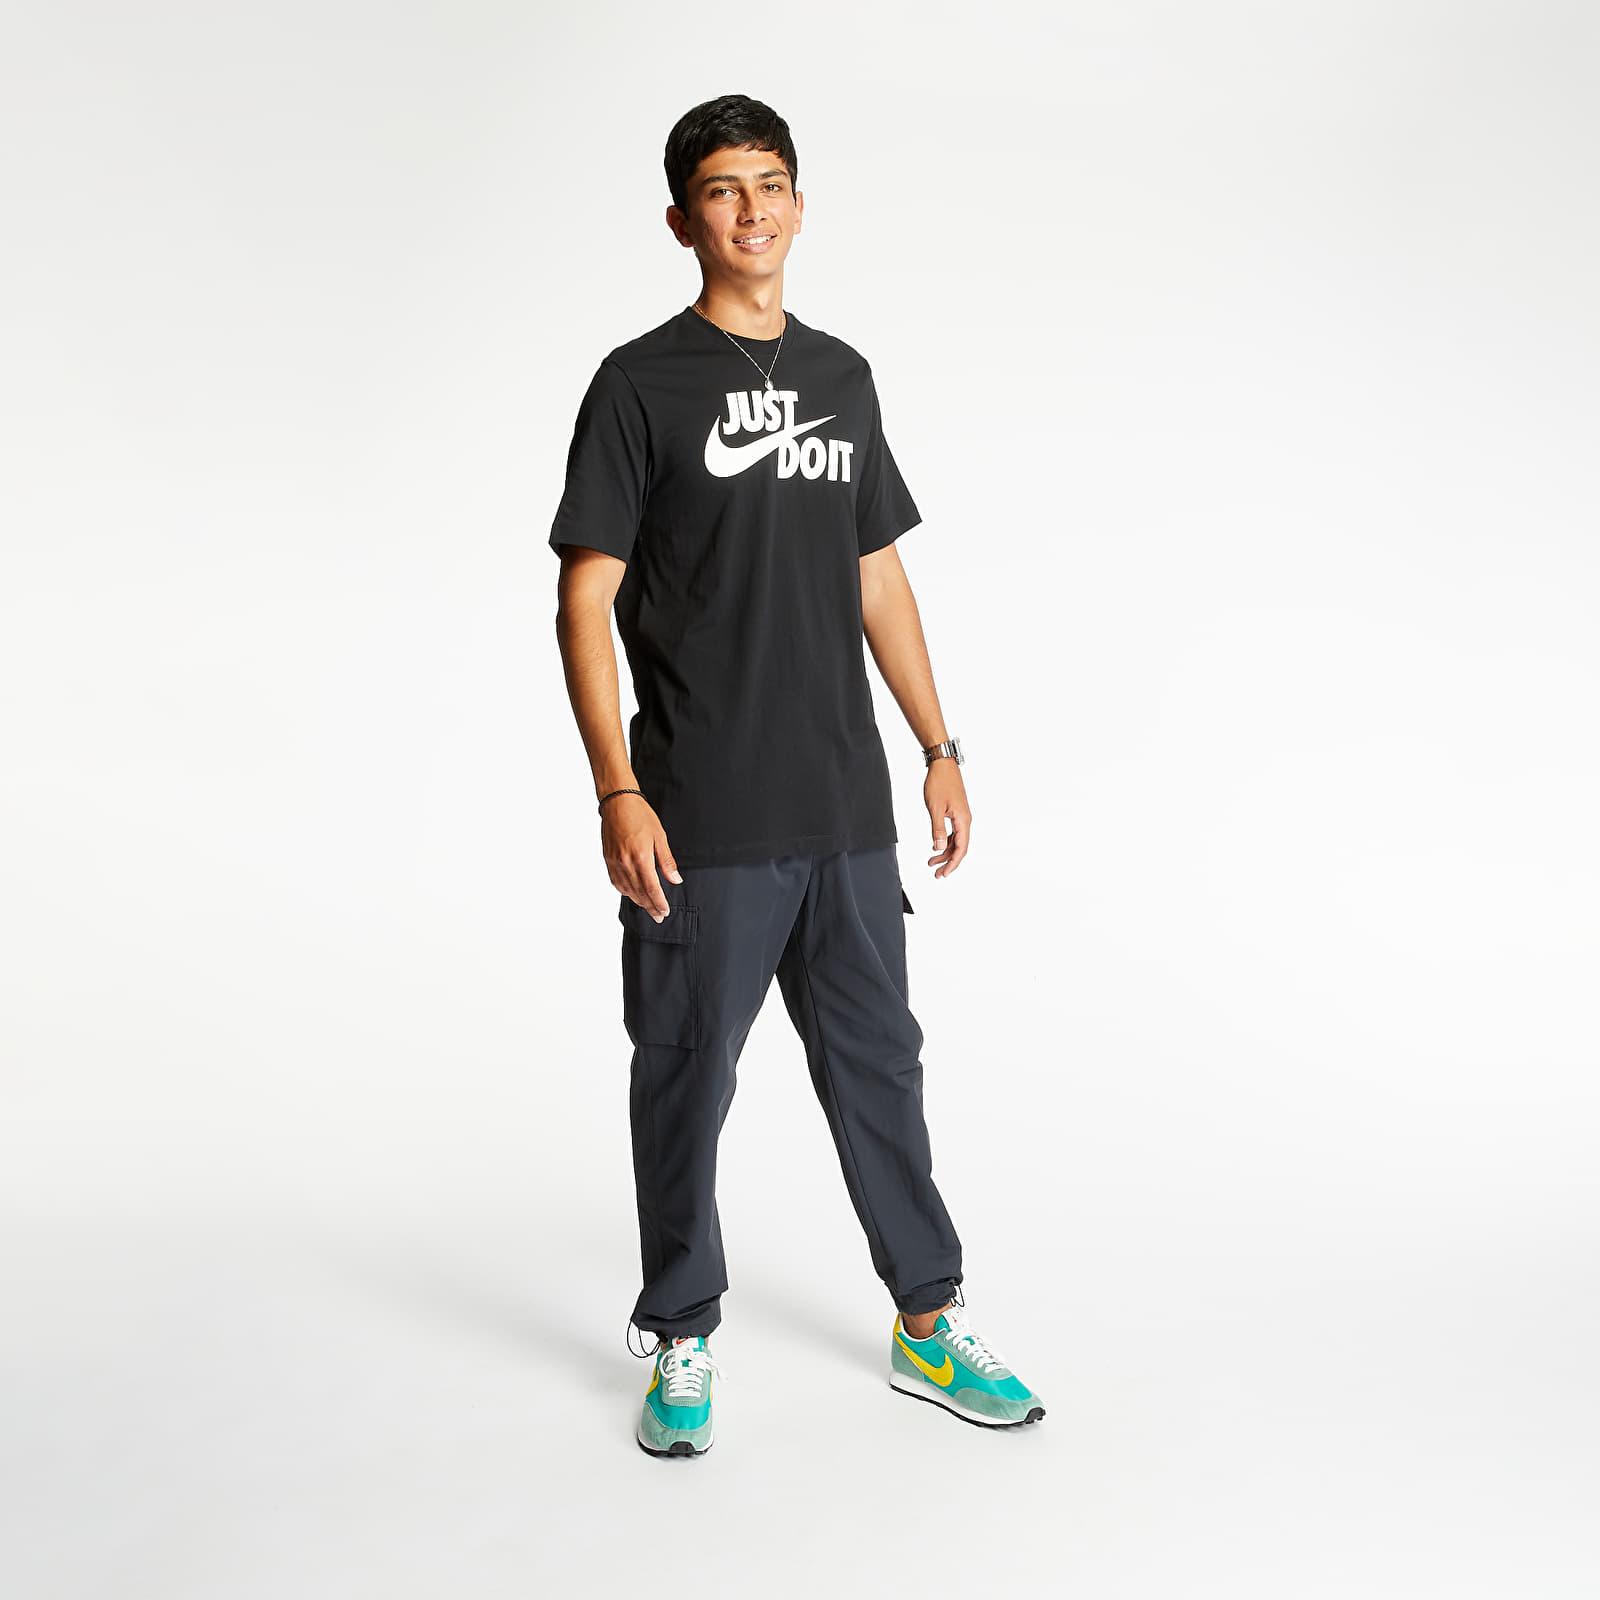 Nike Sportswear Just Do It Swoosh Tee Black/ White